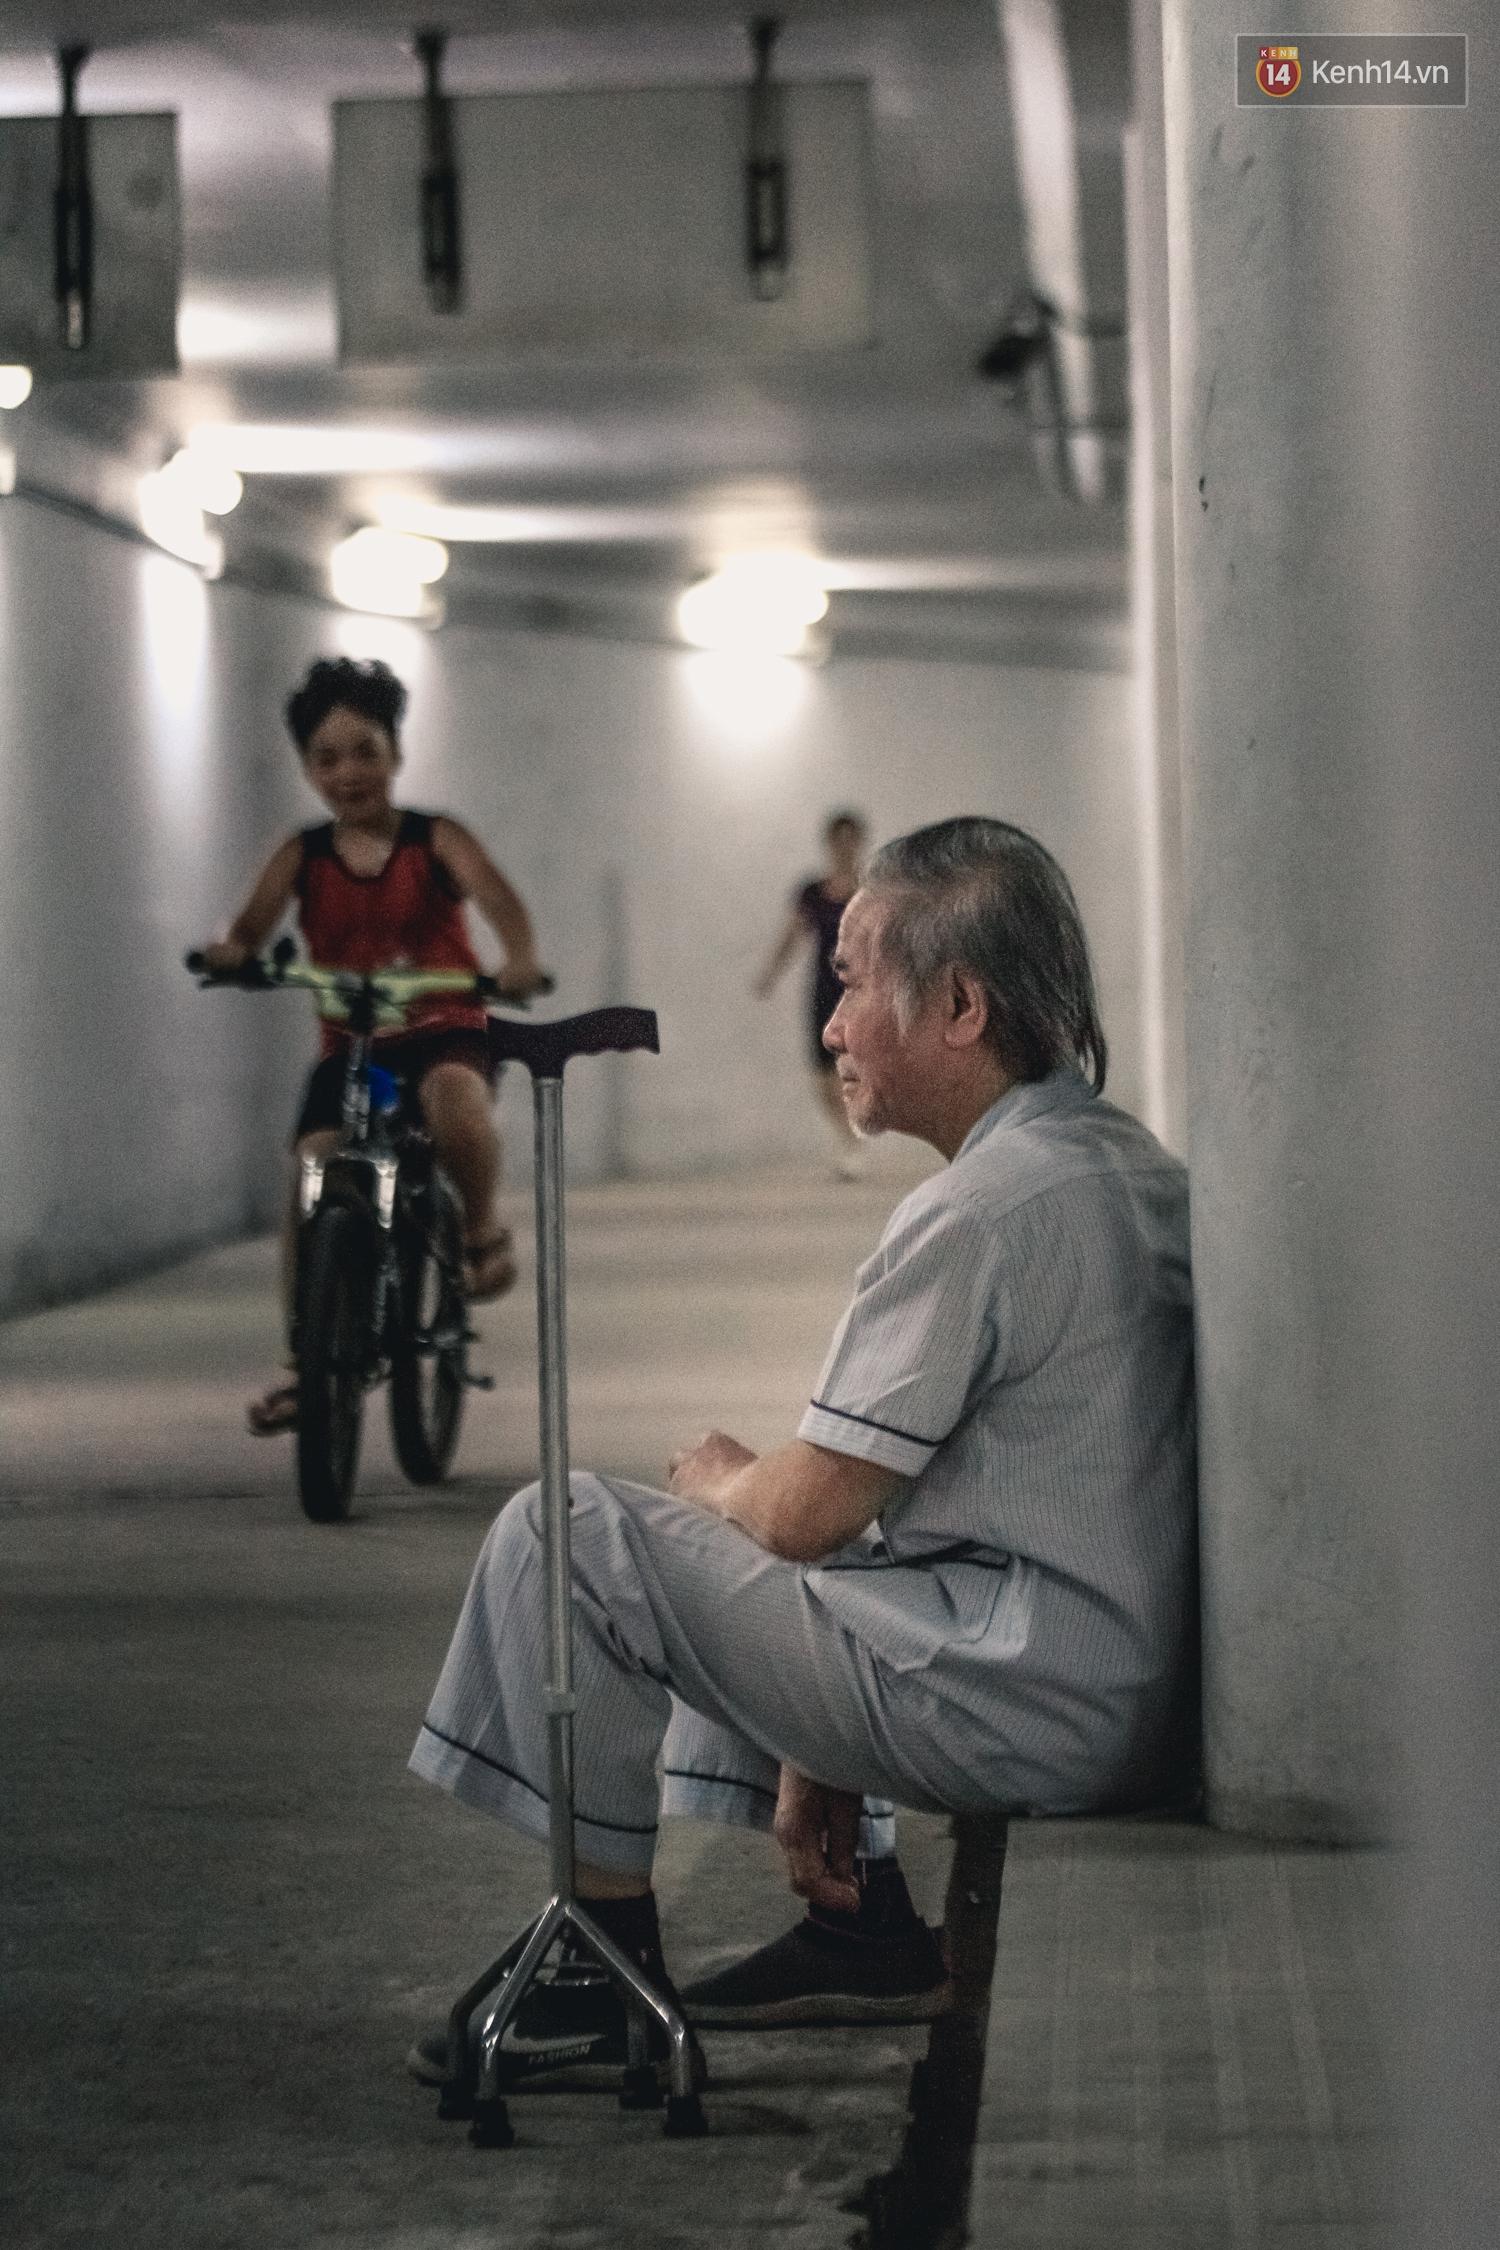 Chùm ảnh: Một nhịp sống Hà Nội thật khác ở phố đi bộ 12 cửa dưới lòng đất trong 10 năm qua - Ảnh 5.